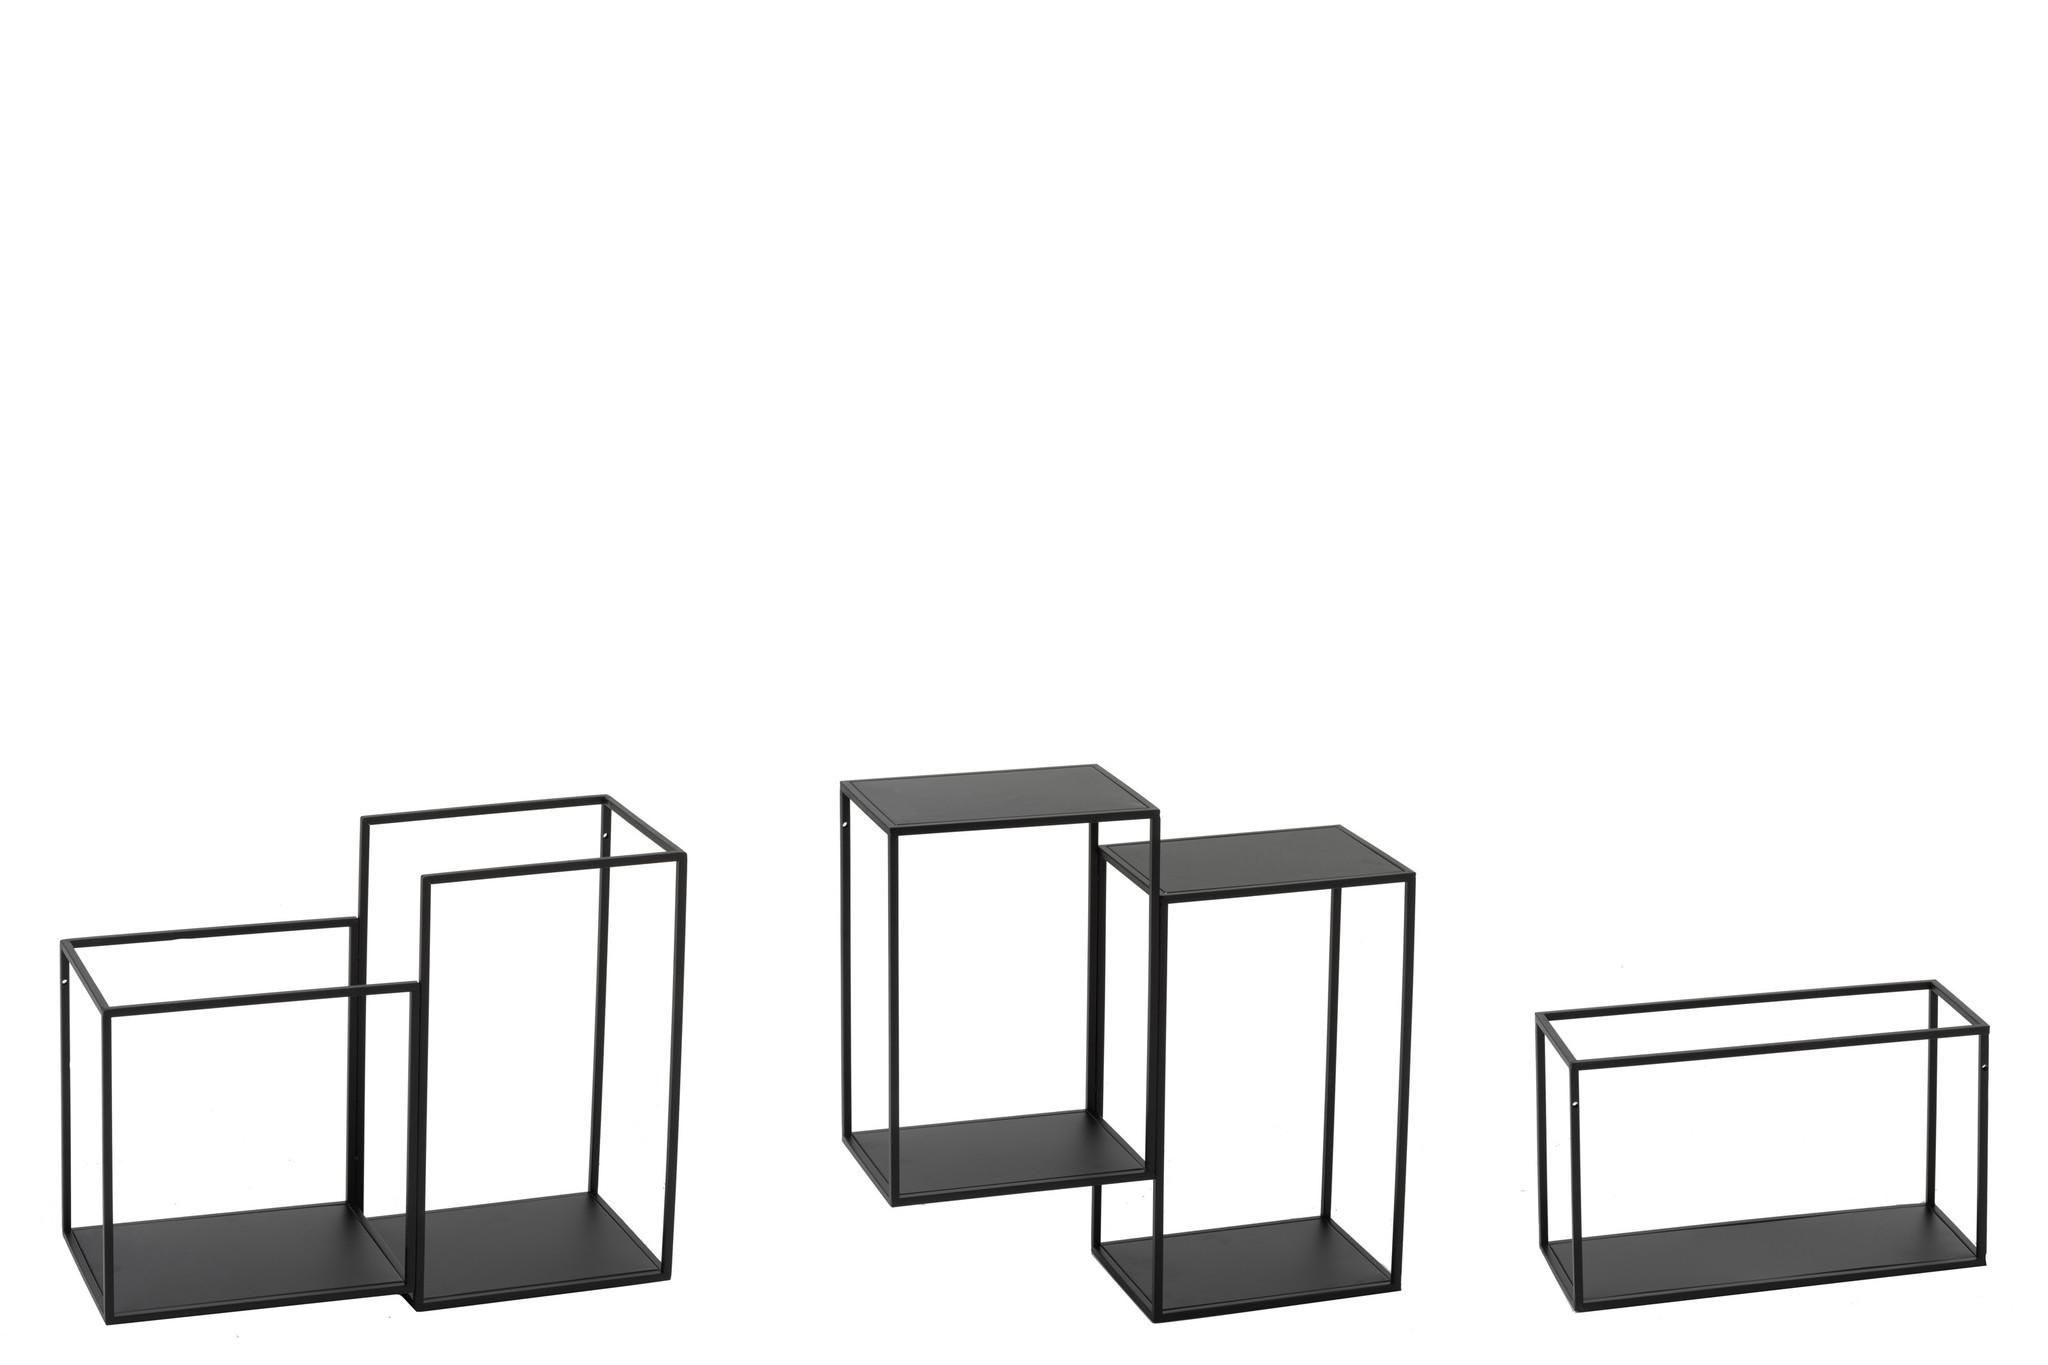 J-line wandrek industrieel modulair zwart metaal - 3 delen-96980-5415203969804